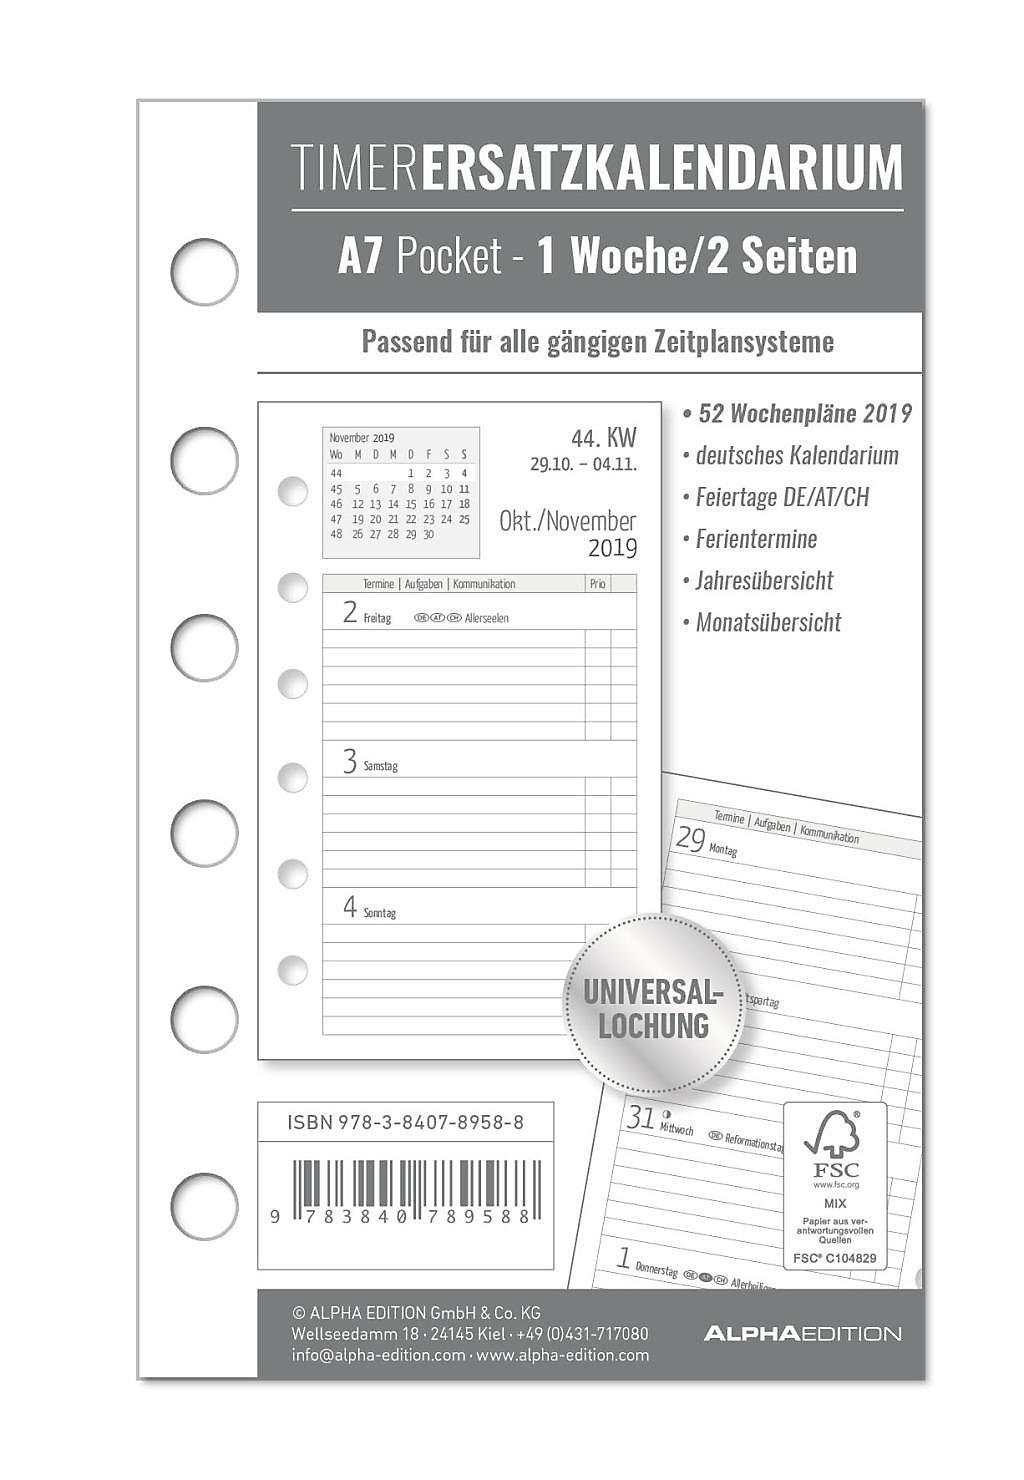 Timer Ersatzkalendarium A7 Pocket 2019 Kalender Bei Weltbildde